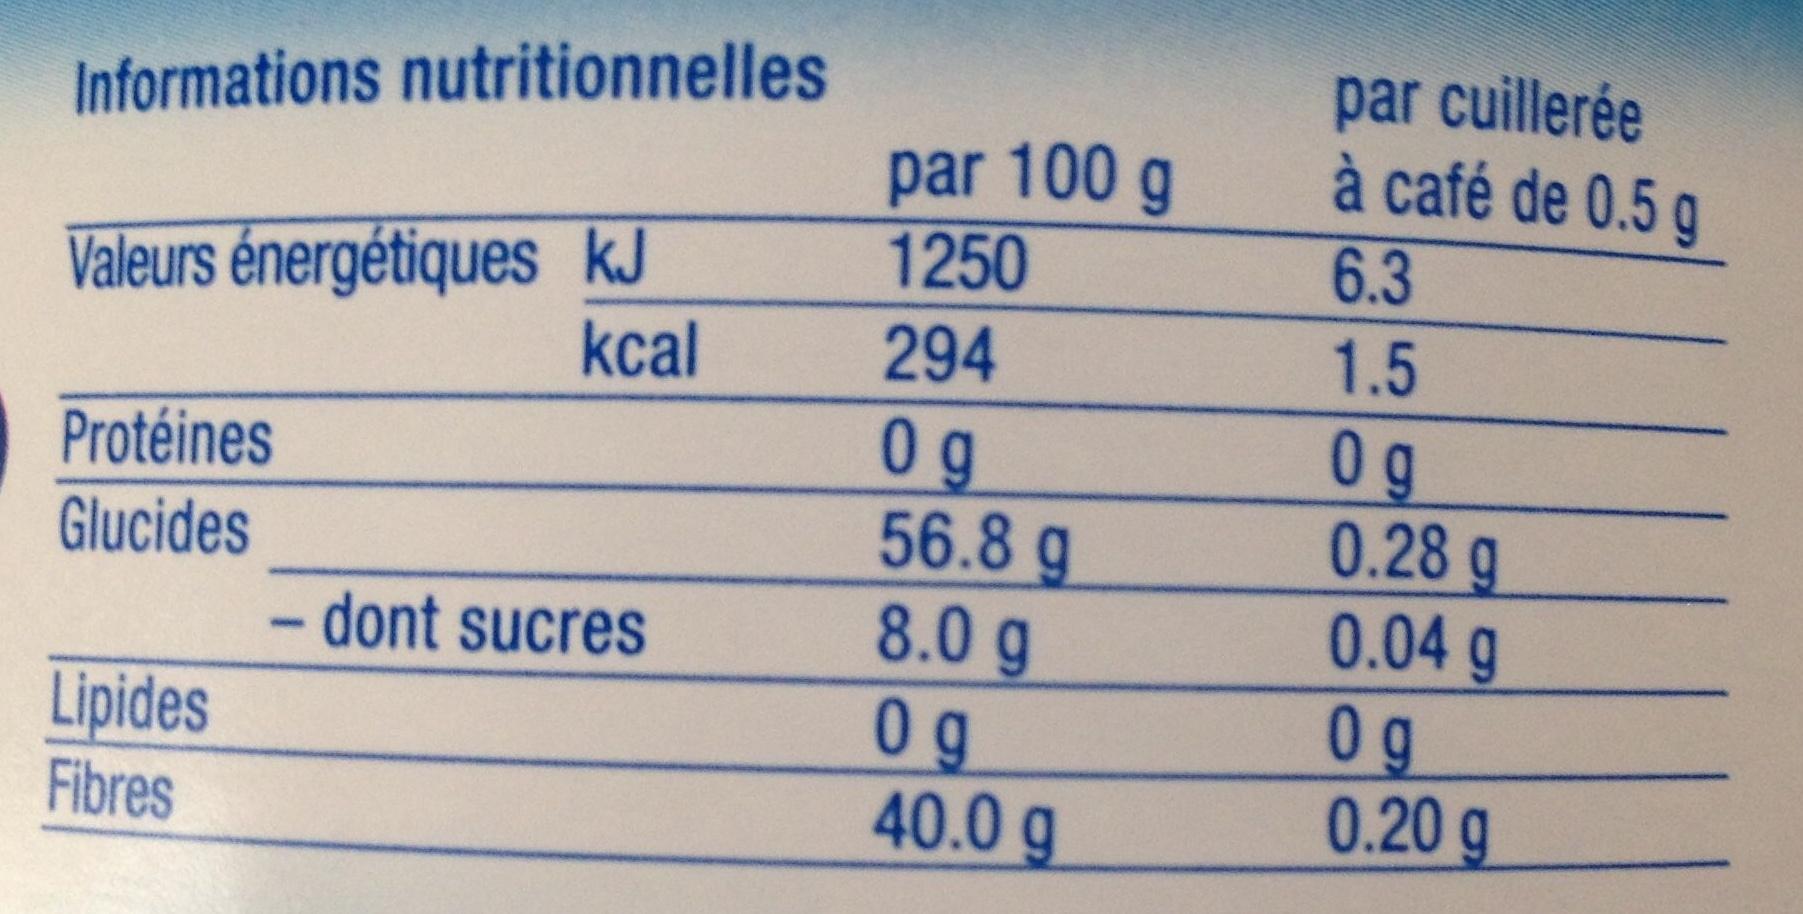 Edulcorant poudre sans aspartame - Nutrition facts - fr